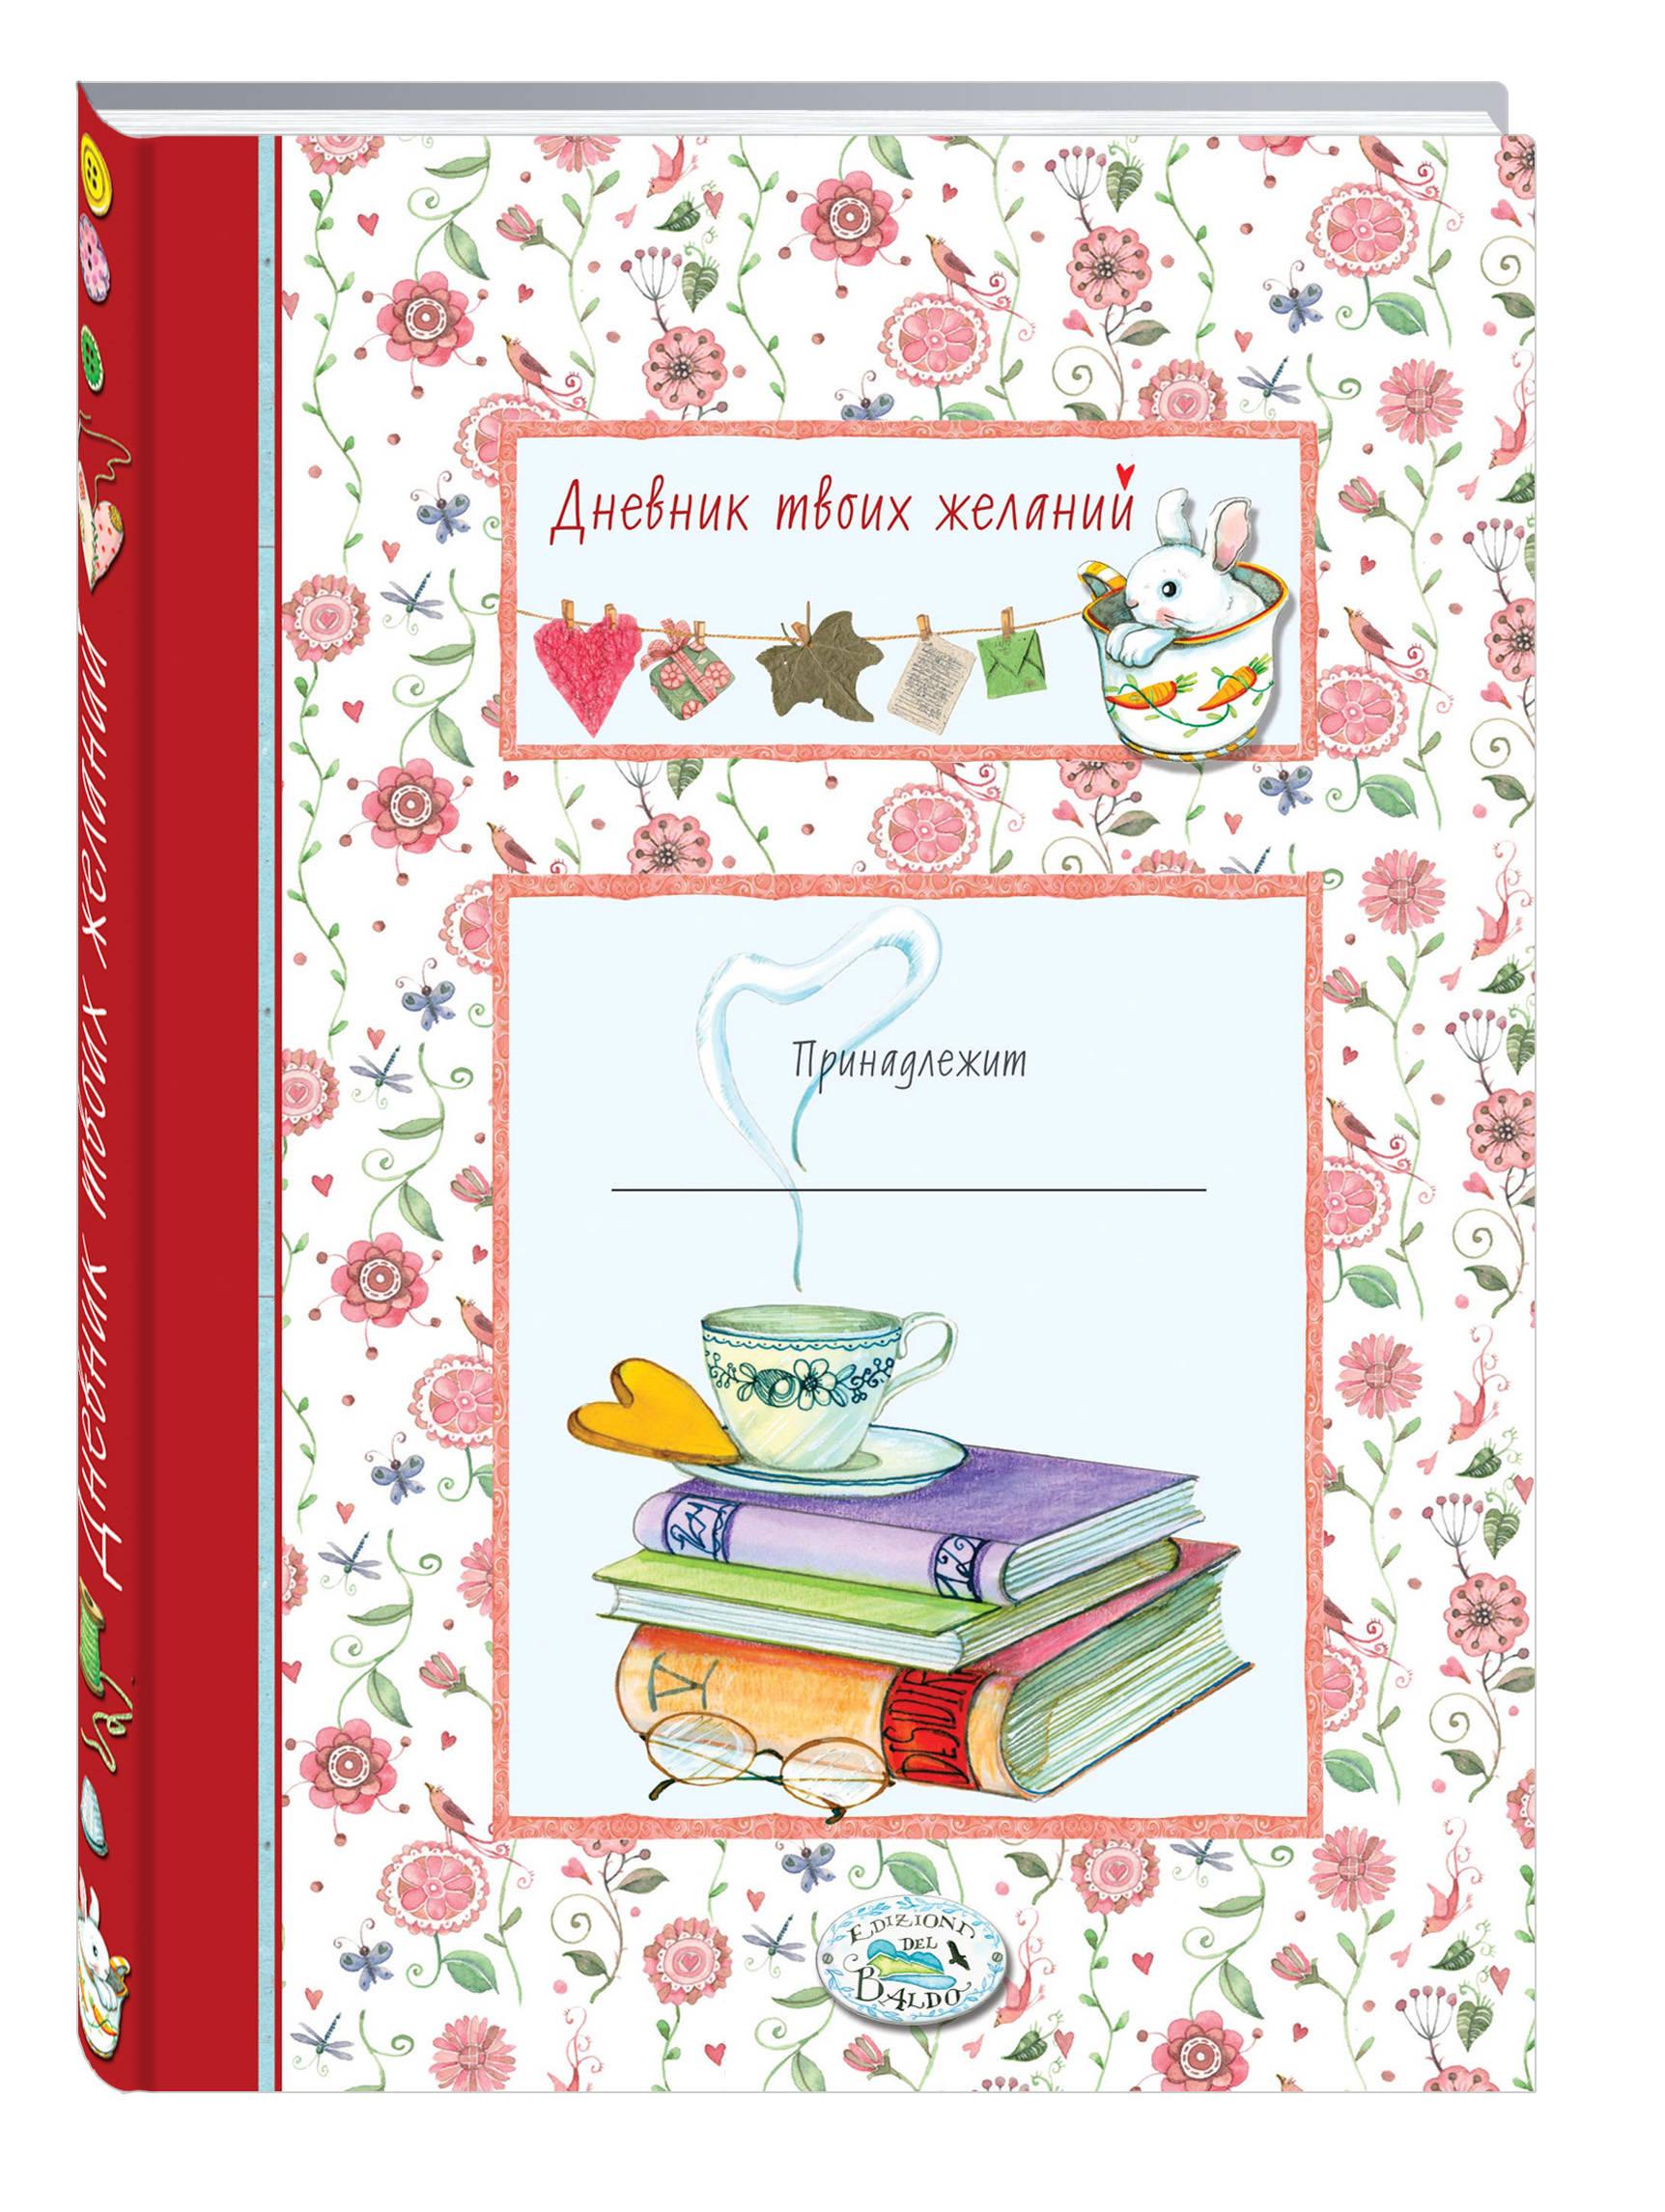 Дневник твоих желаний. Книги книги эксмо дневник твоих месячных 3 оформление